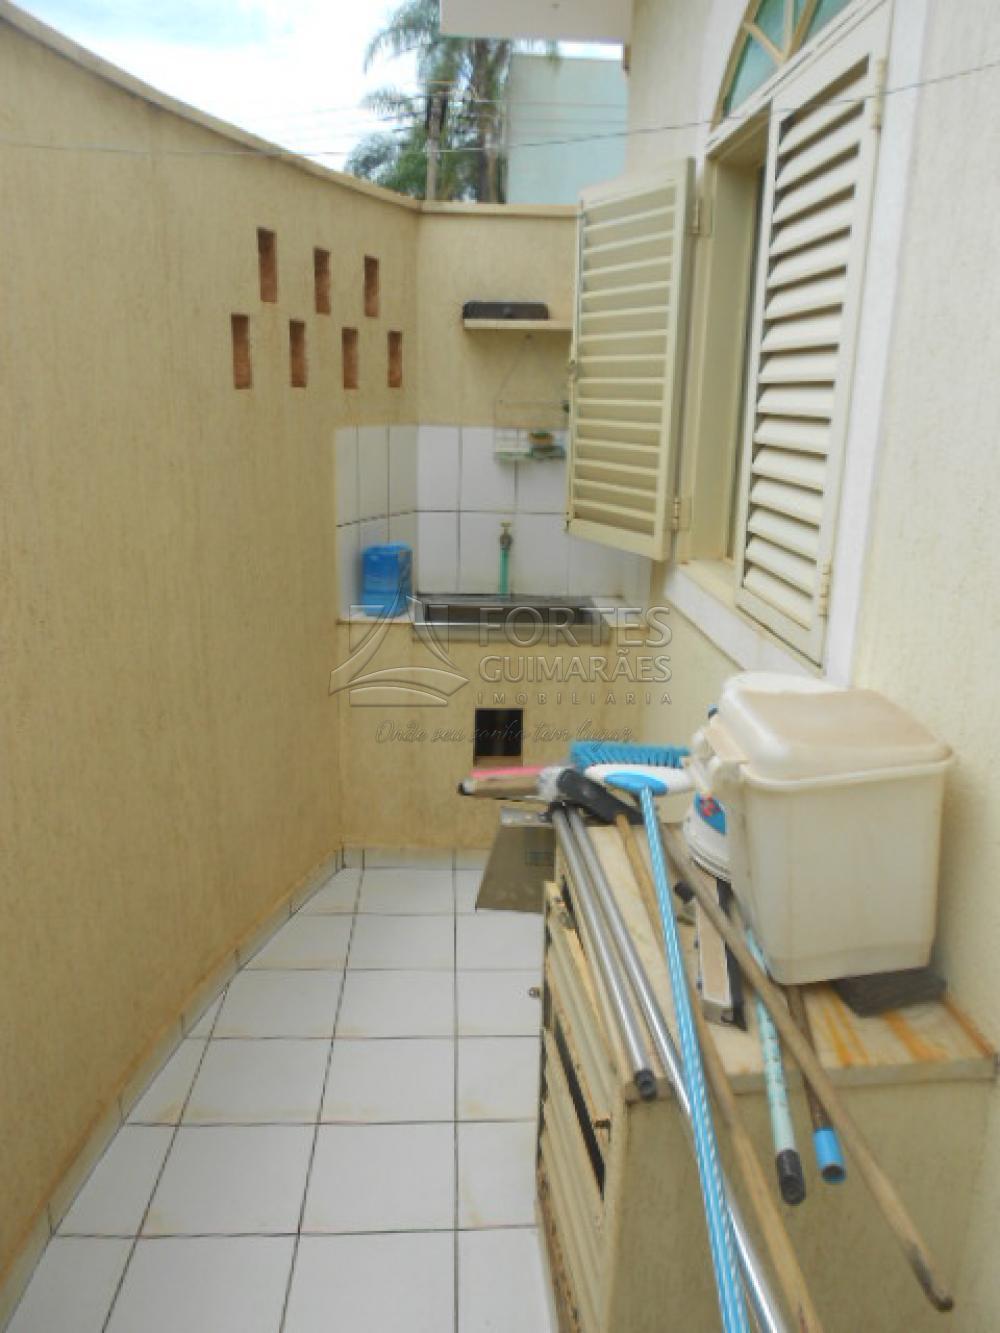 Alugar Comercial / Imóvel Comercial em Ribeirão Preto apenas R$ 3.000,00 - Foto 53